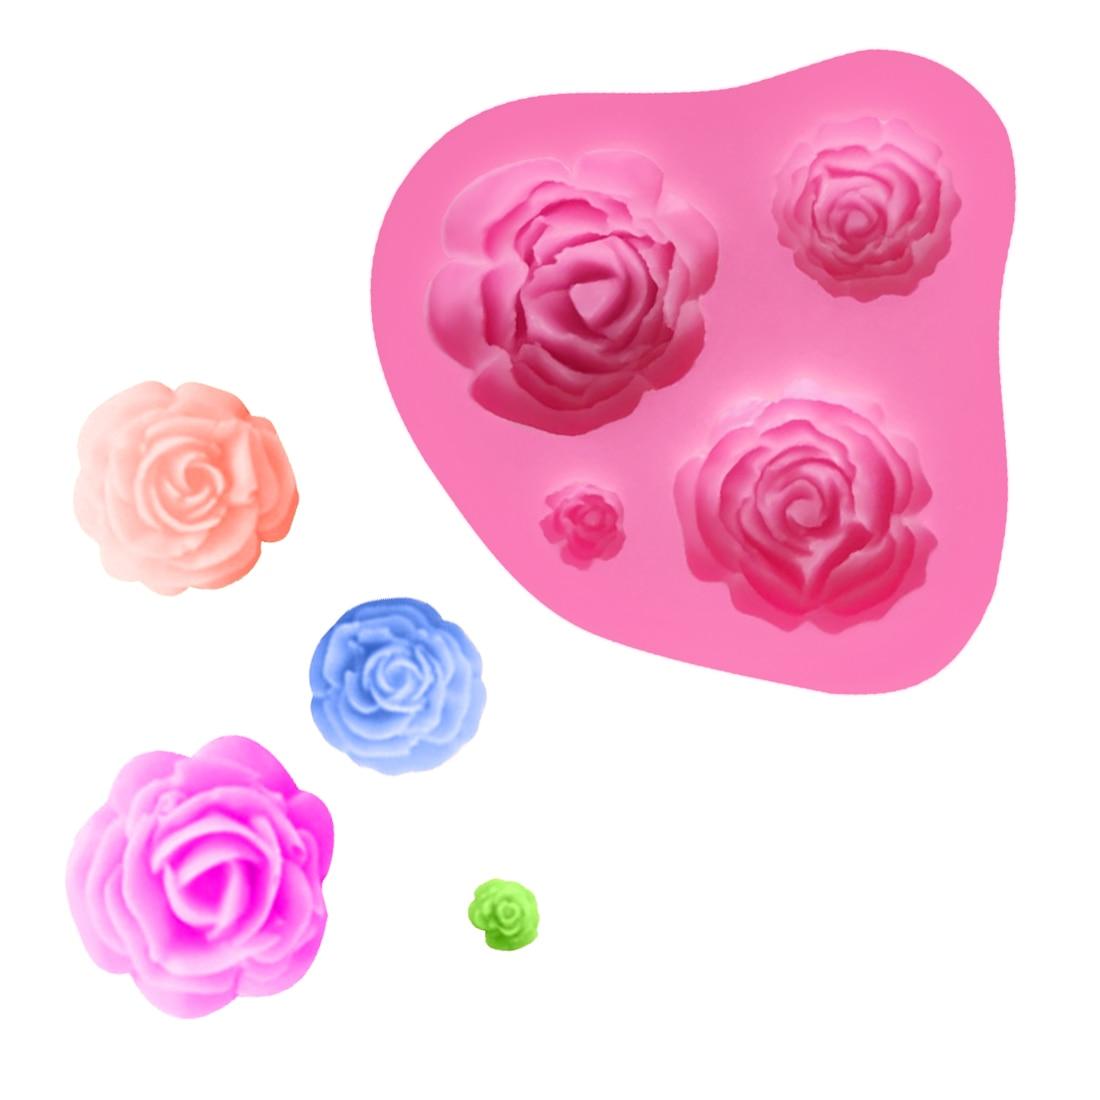 ღ Ƹ̵̡Ӝ̵̨̄Ʒ ღ1 unid 3D cocina Accesorios Rose flor forma Jabones ...